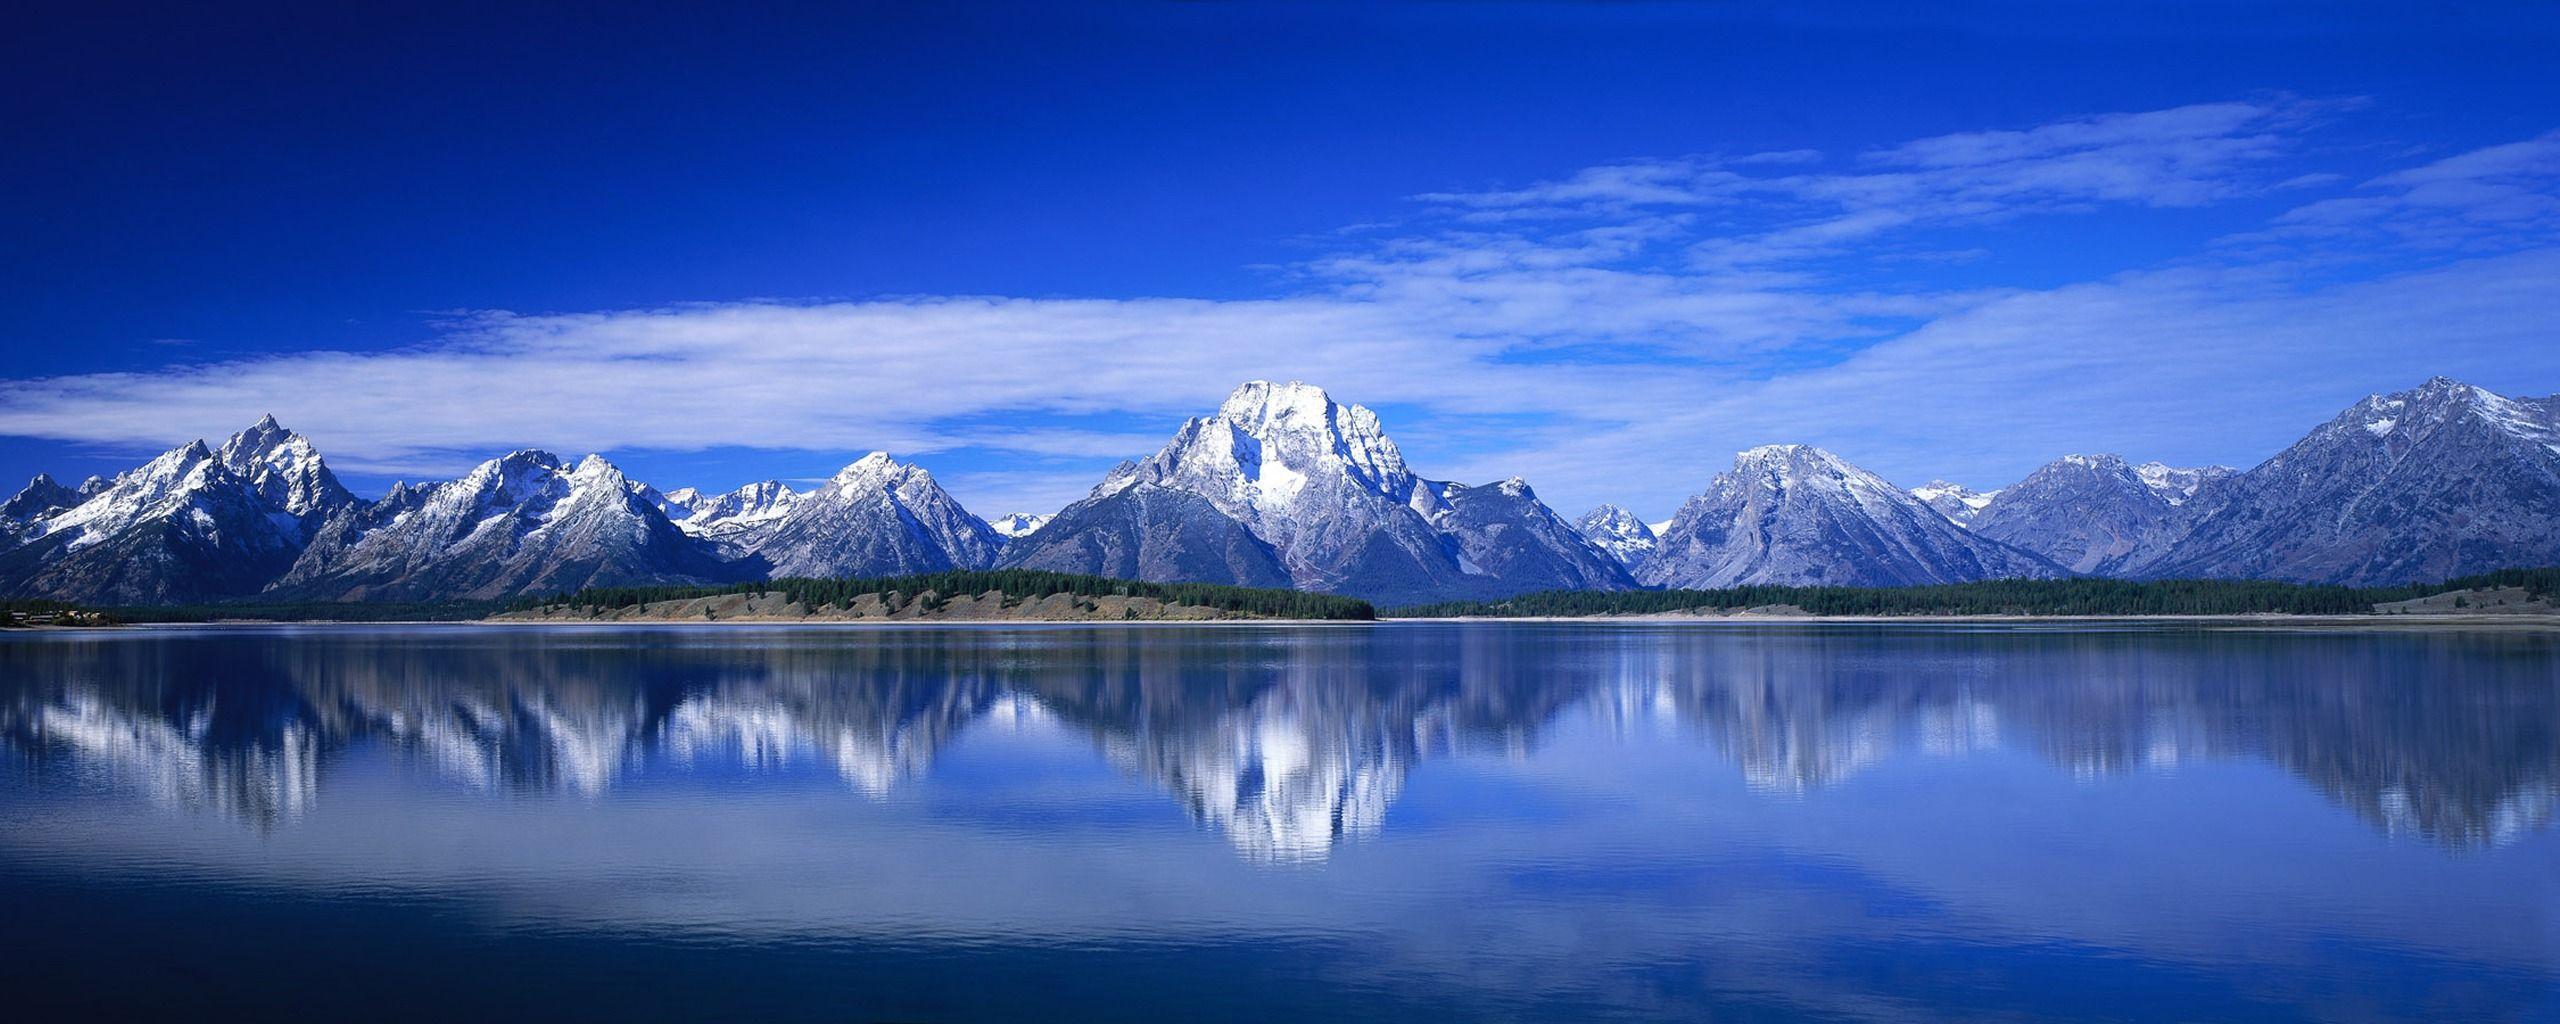 Hình nền màn hình kép 2560x1024 Blue Mountains